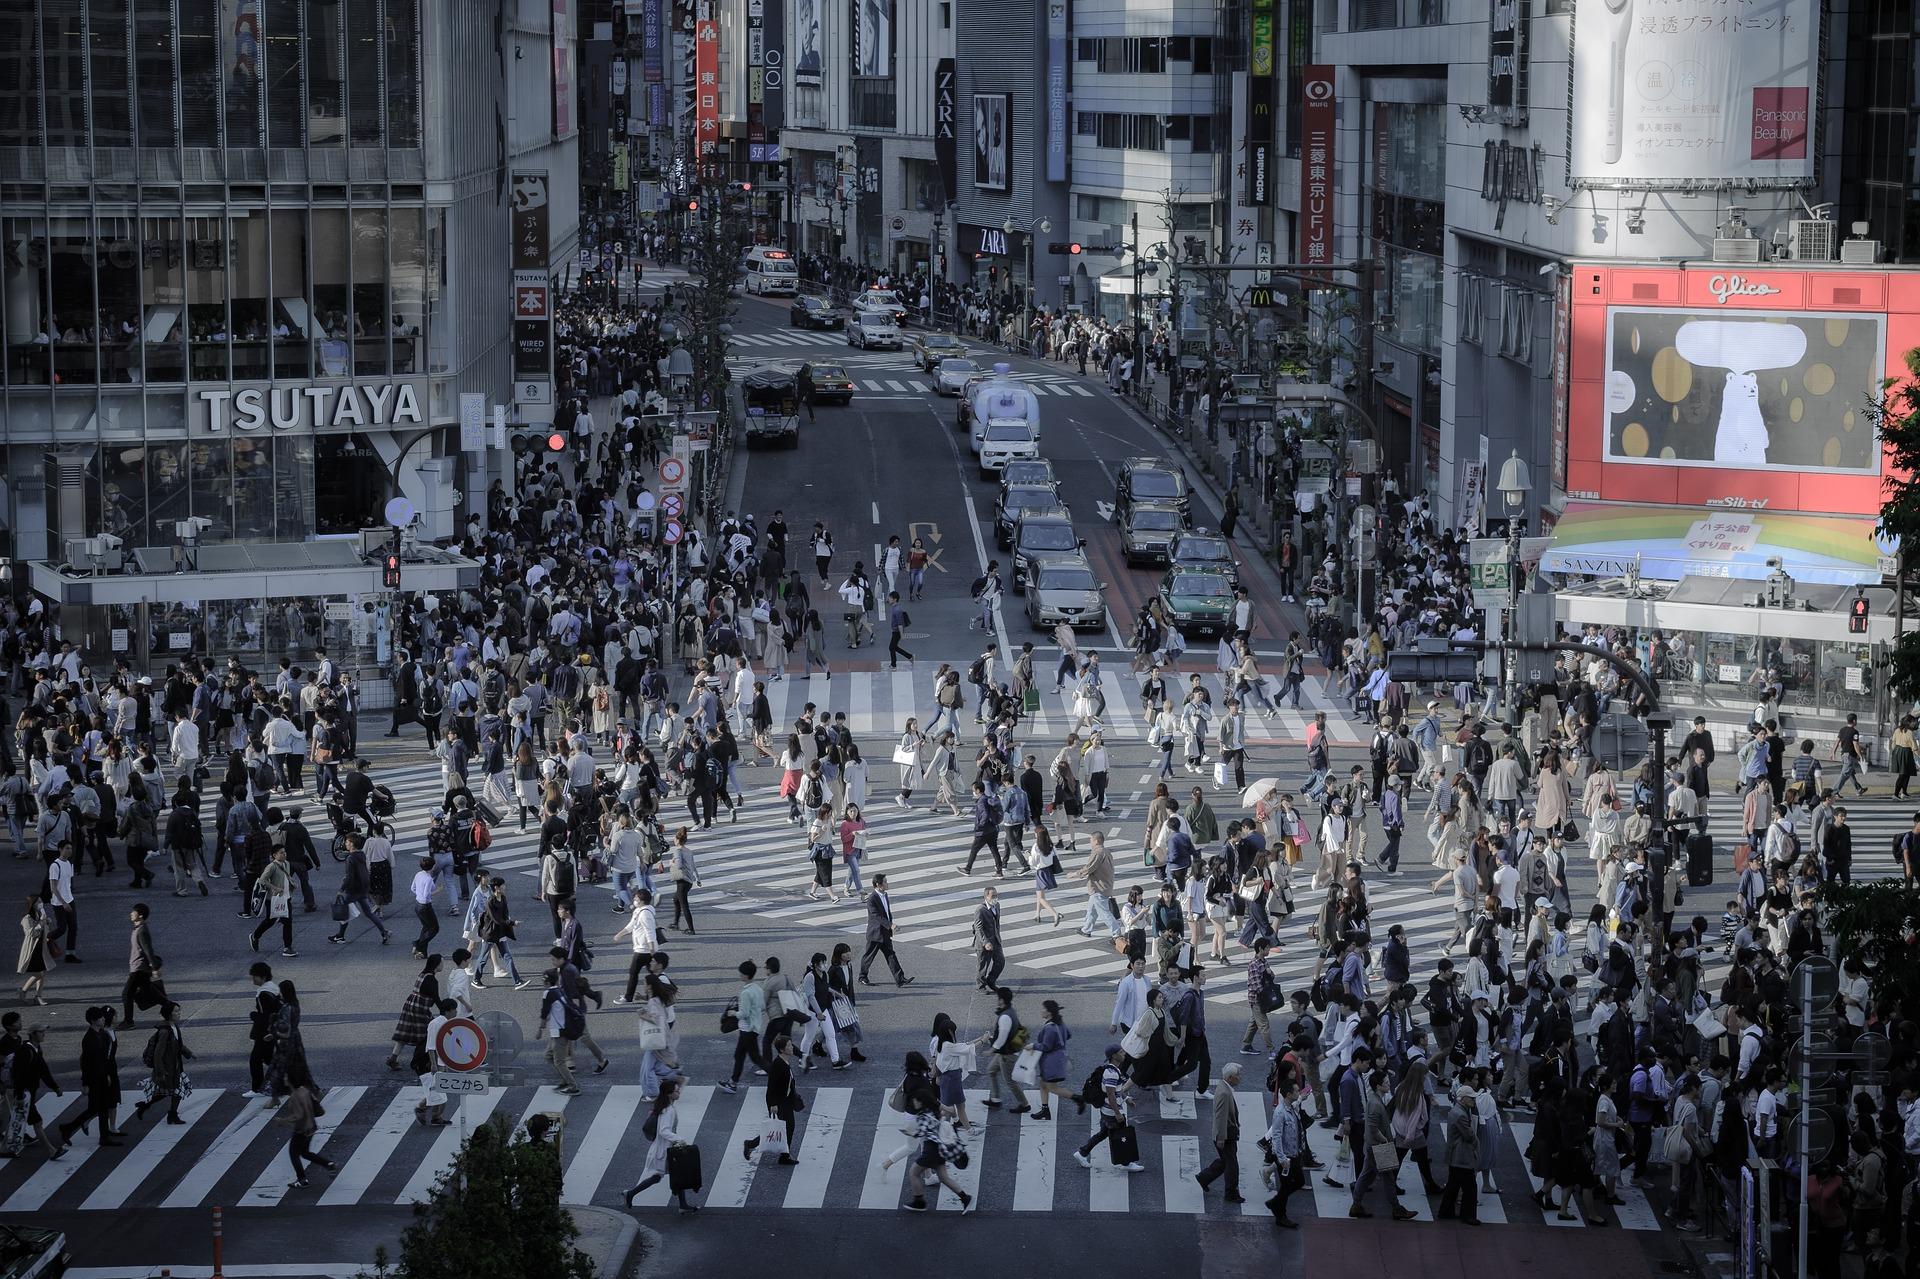 В Токио решили бороться с коронавирусом с помощью отключения света